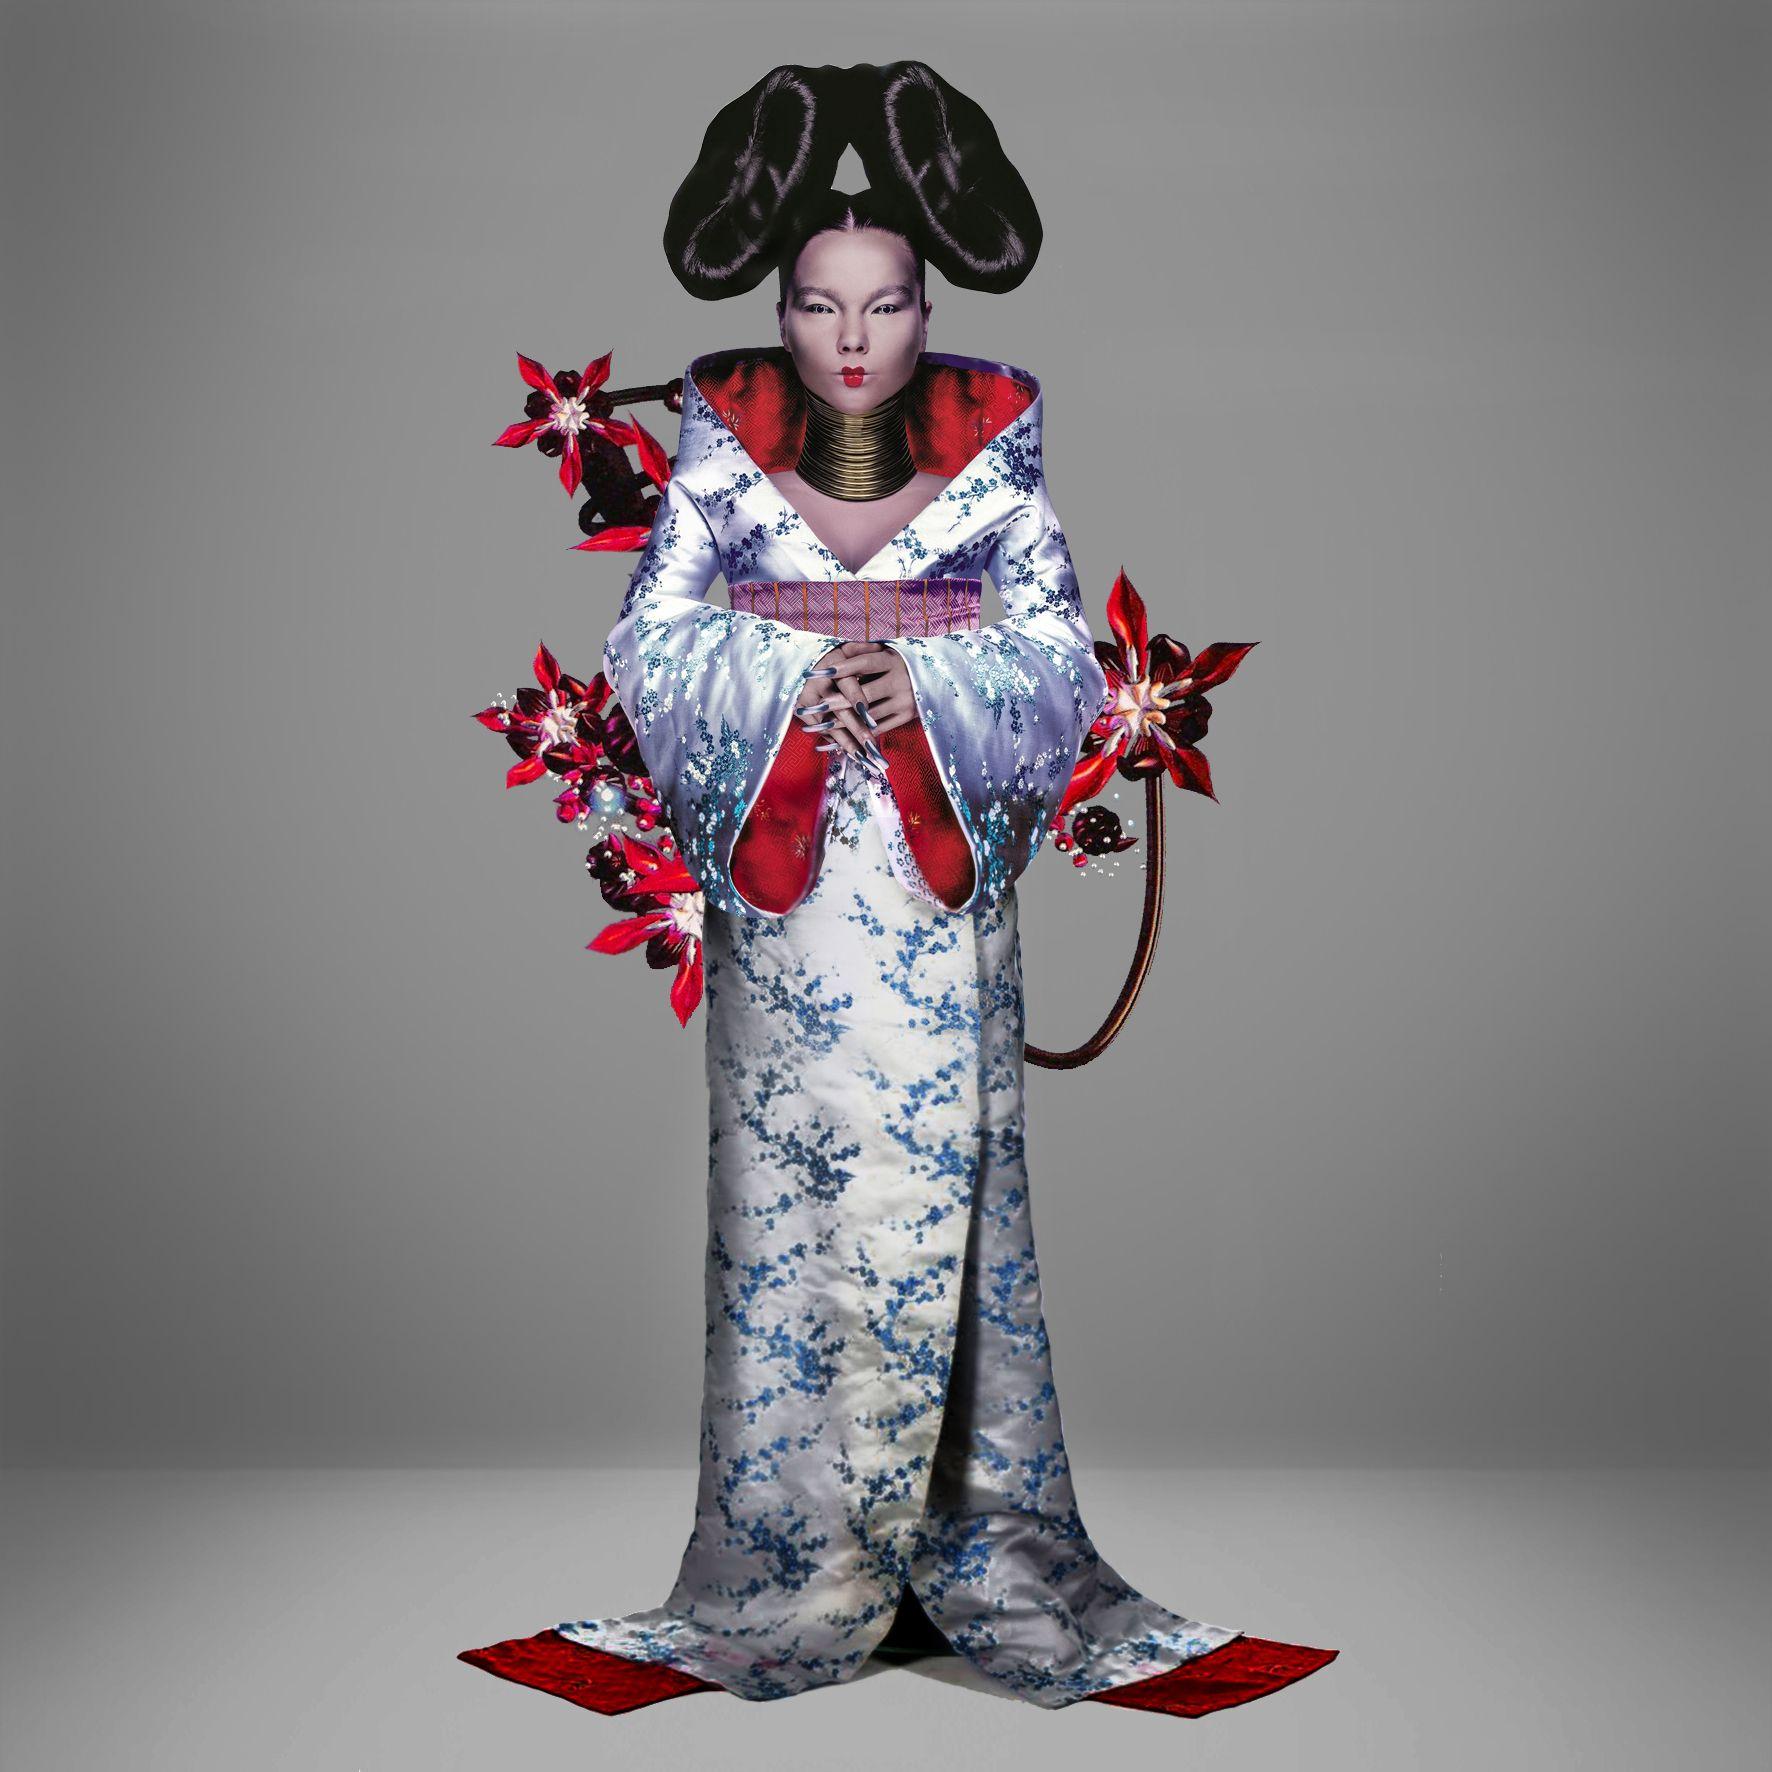 Bjork com quimono criado por Alexander McQueen / Reprodução